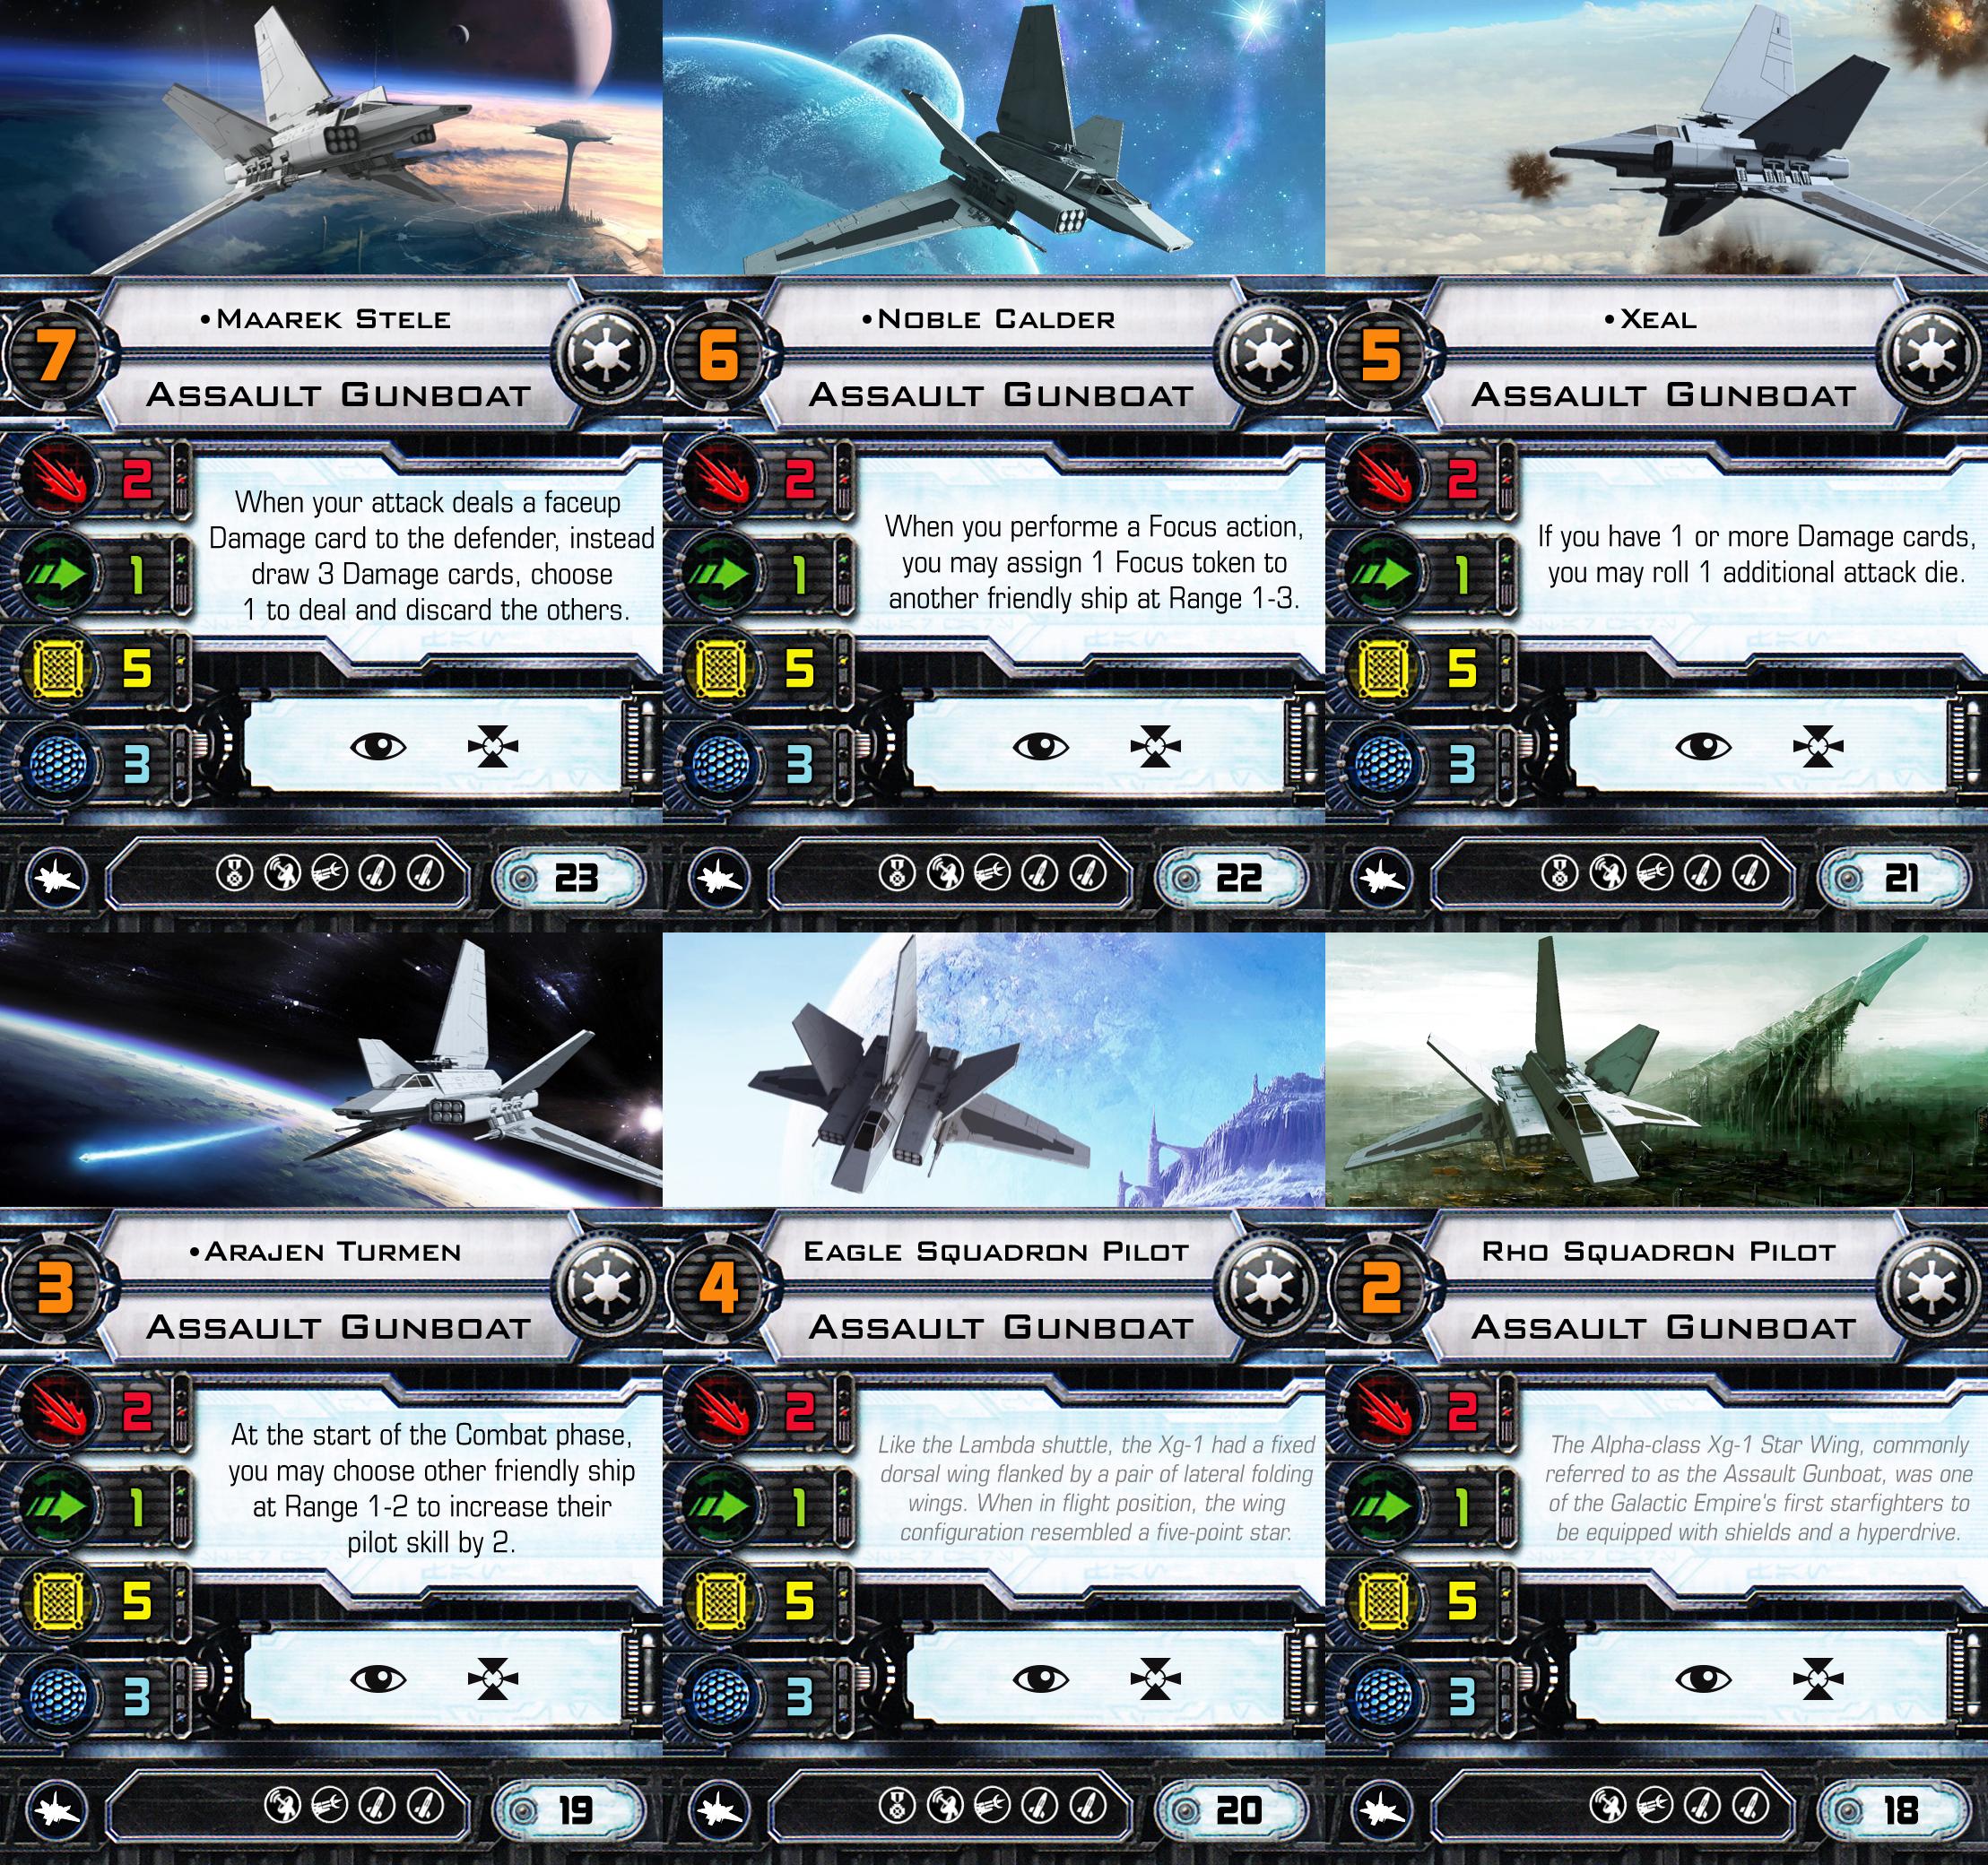 gunboat_pilots_by_odanan-daxptw8.jpg